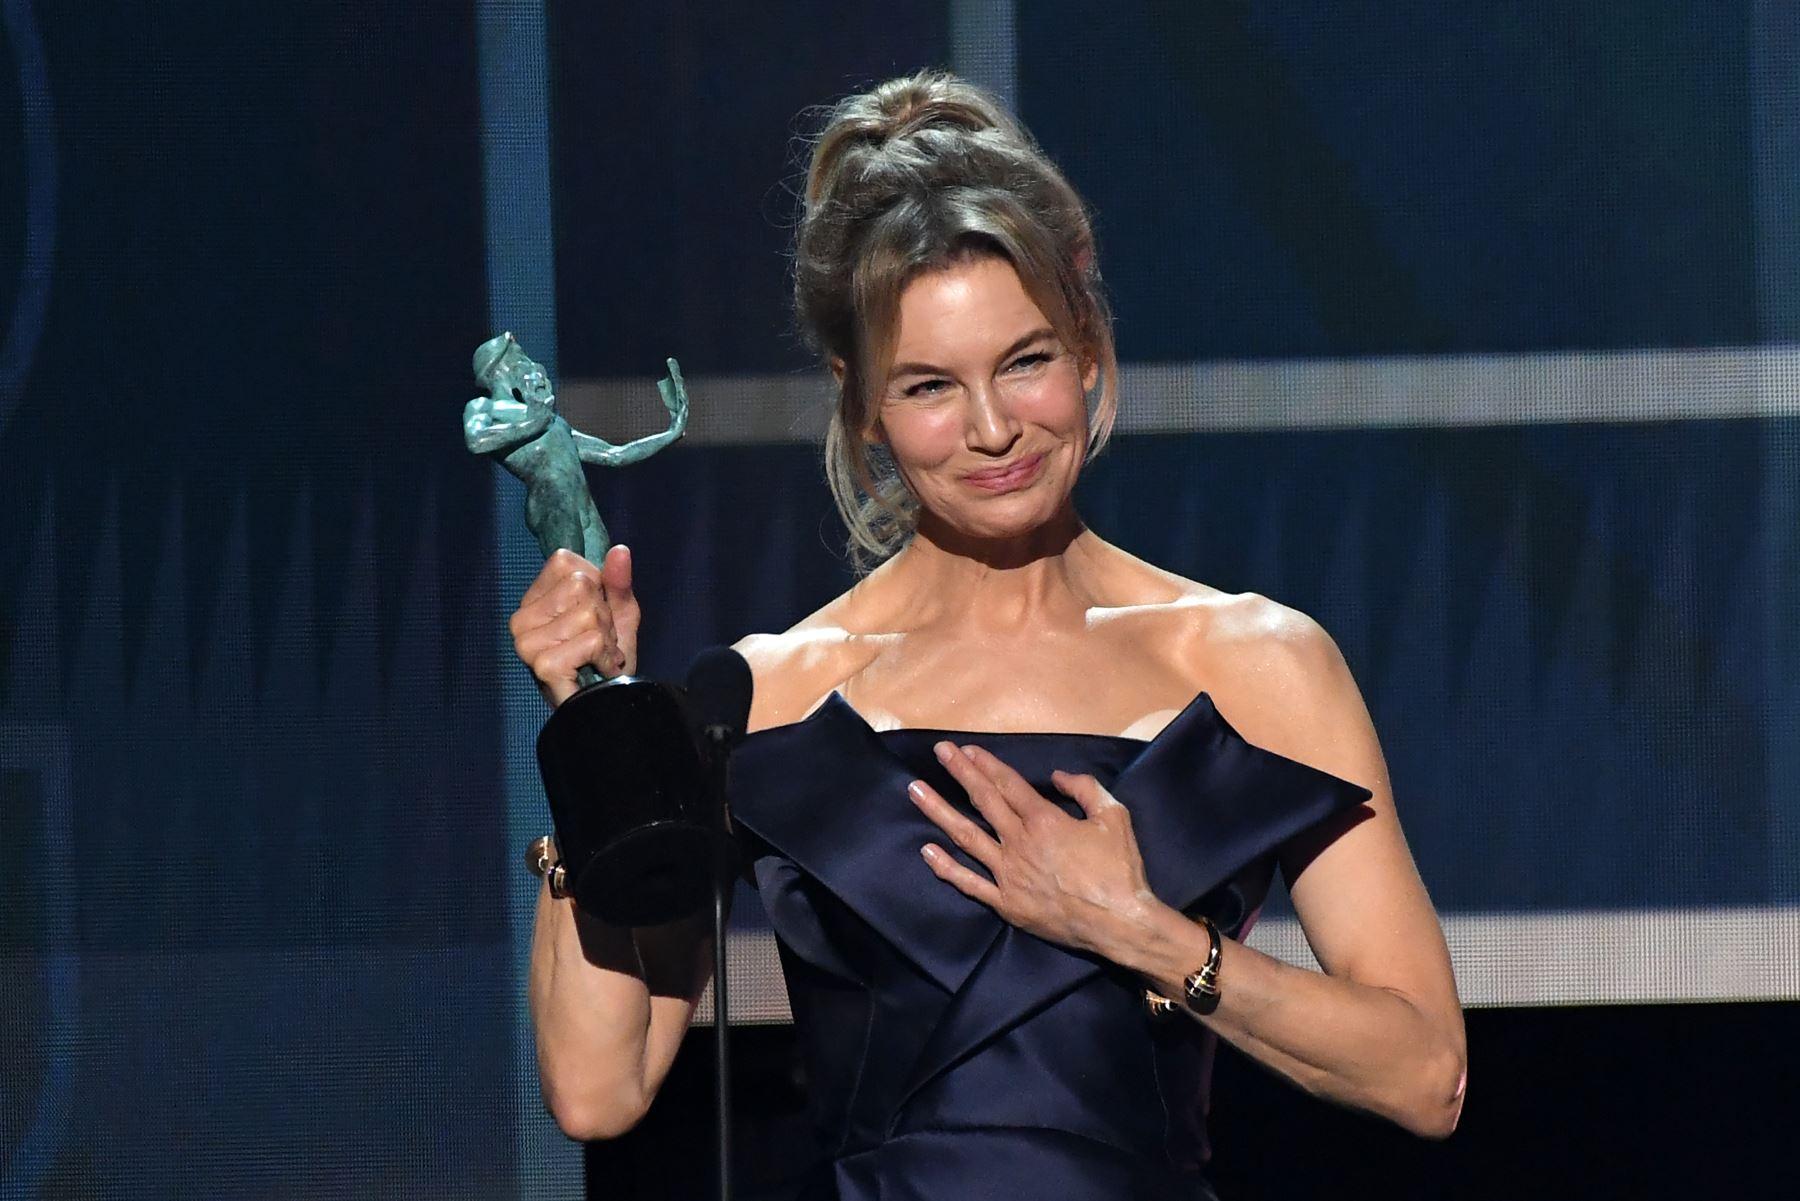 Renee Zellweger acepta el premio a la actuación sobresaliente de una actriz femenina en un papel protagónico durante la 26a entrega anual de los premios Screen Actors Guild Awards. AFP